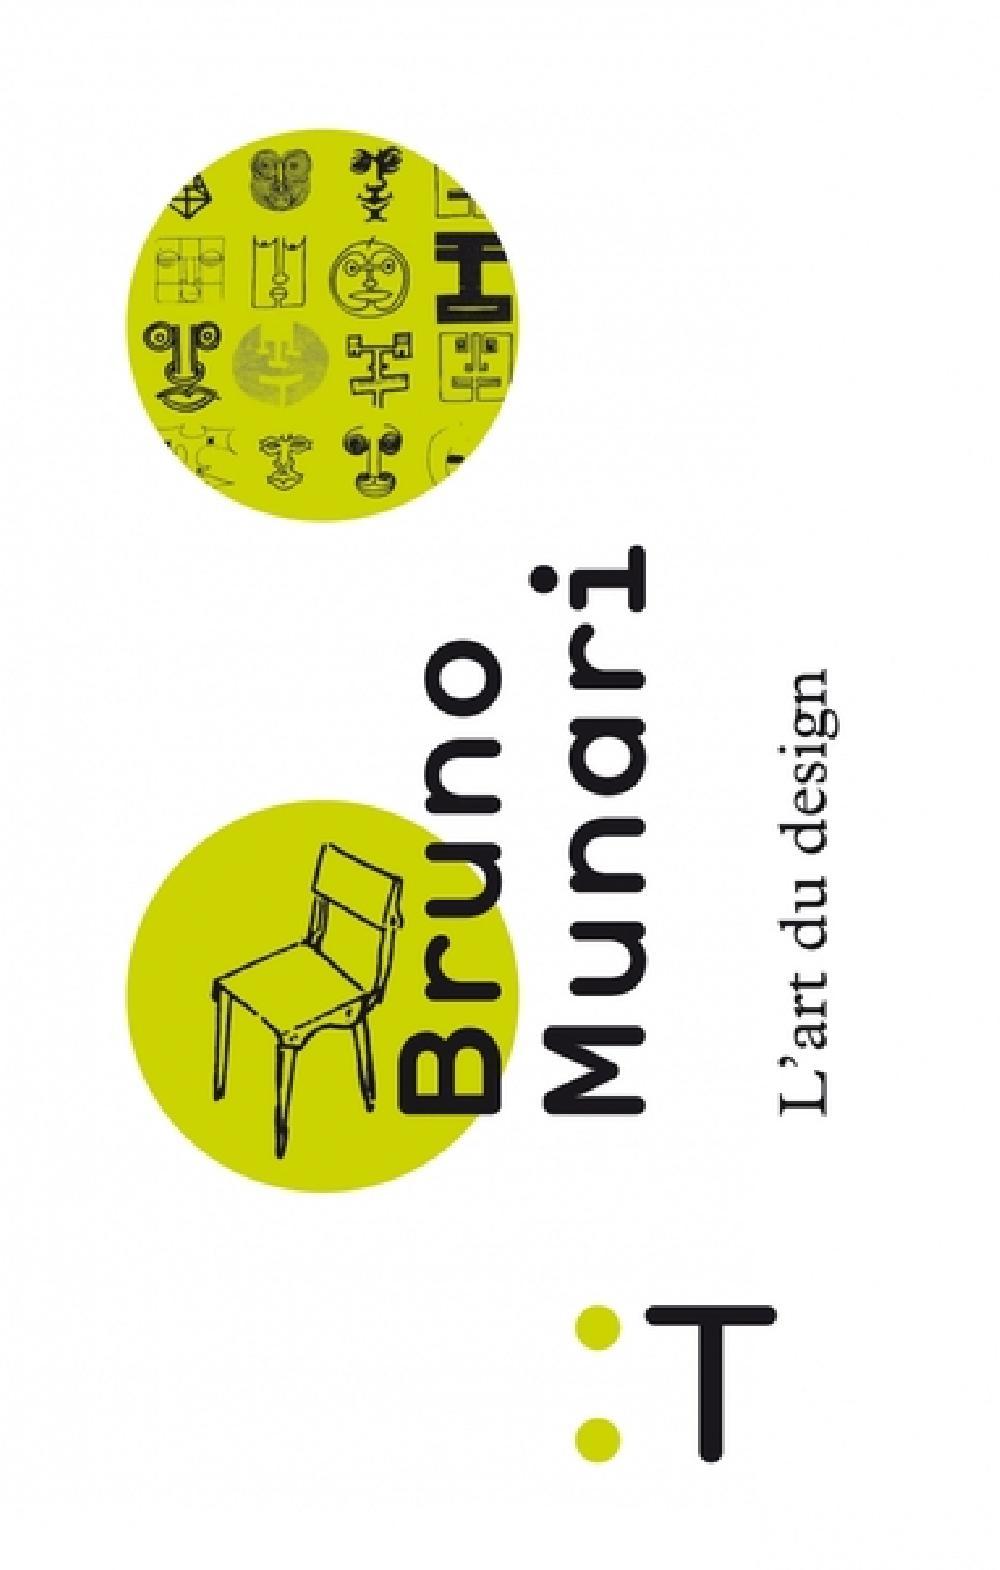 L'art du design Bruno Munari